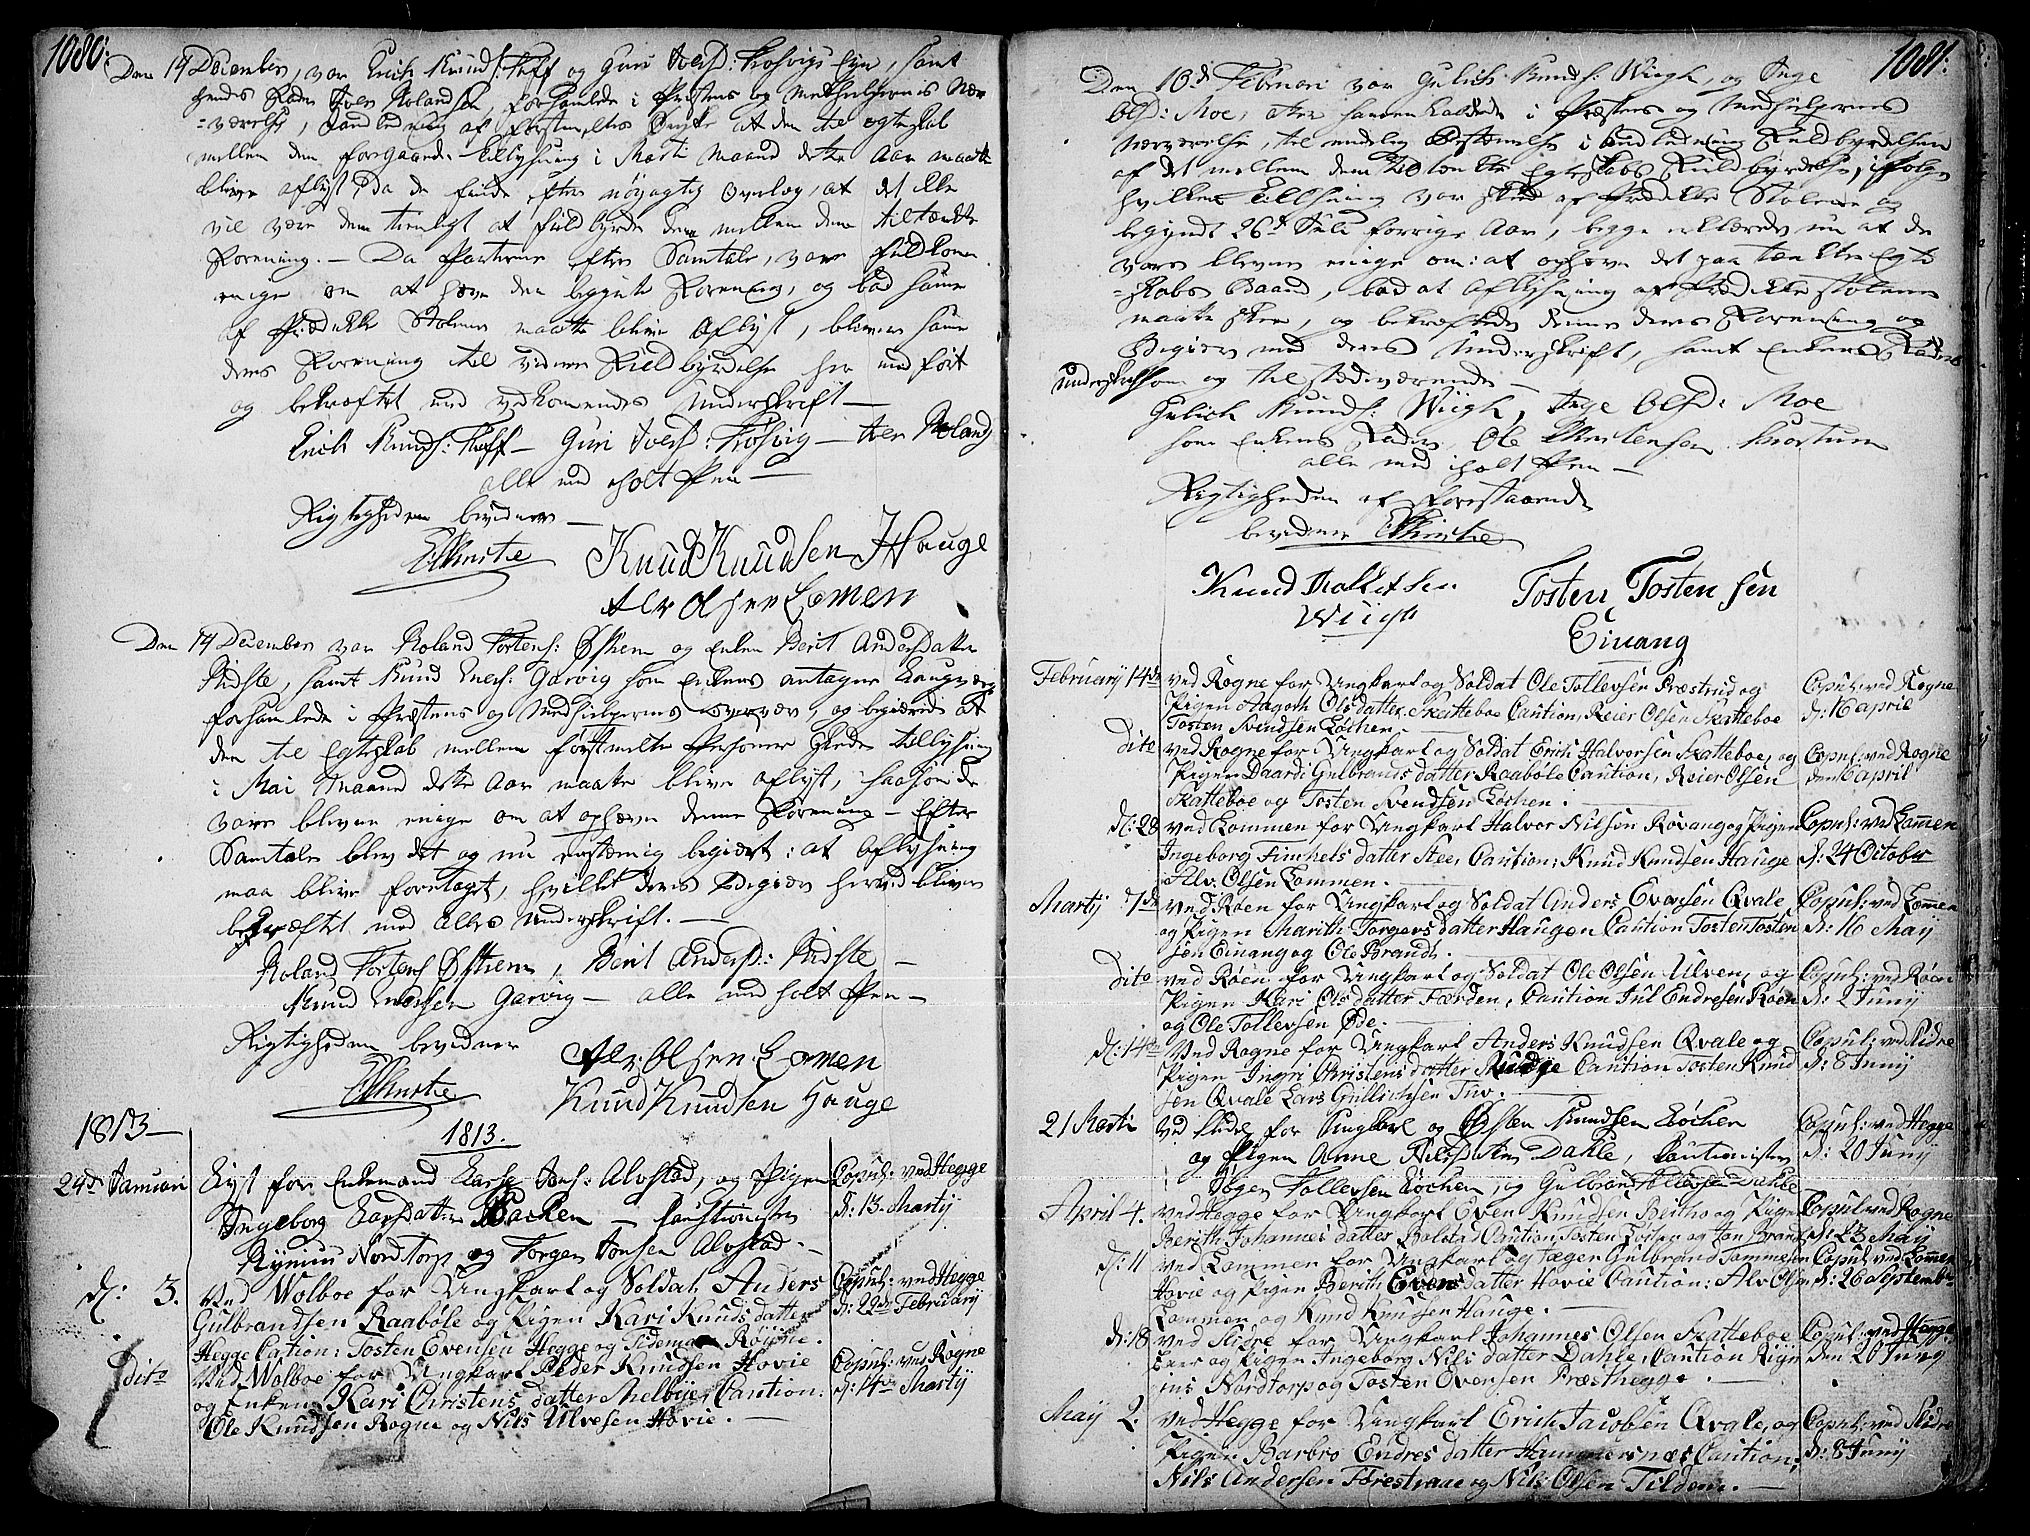 SAH, Slidre prestekontor, Ministerialbok nr. 1, 1724-1814, s. 1080-1081